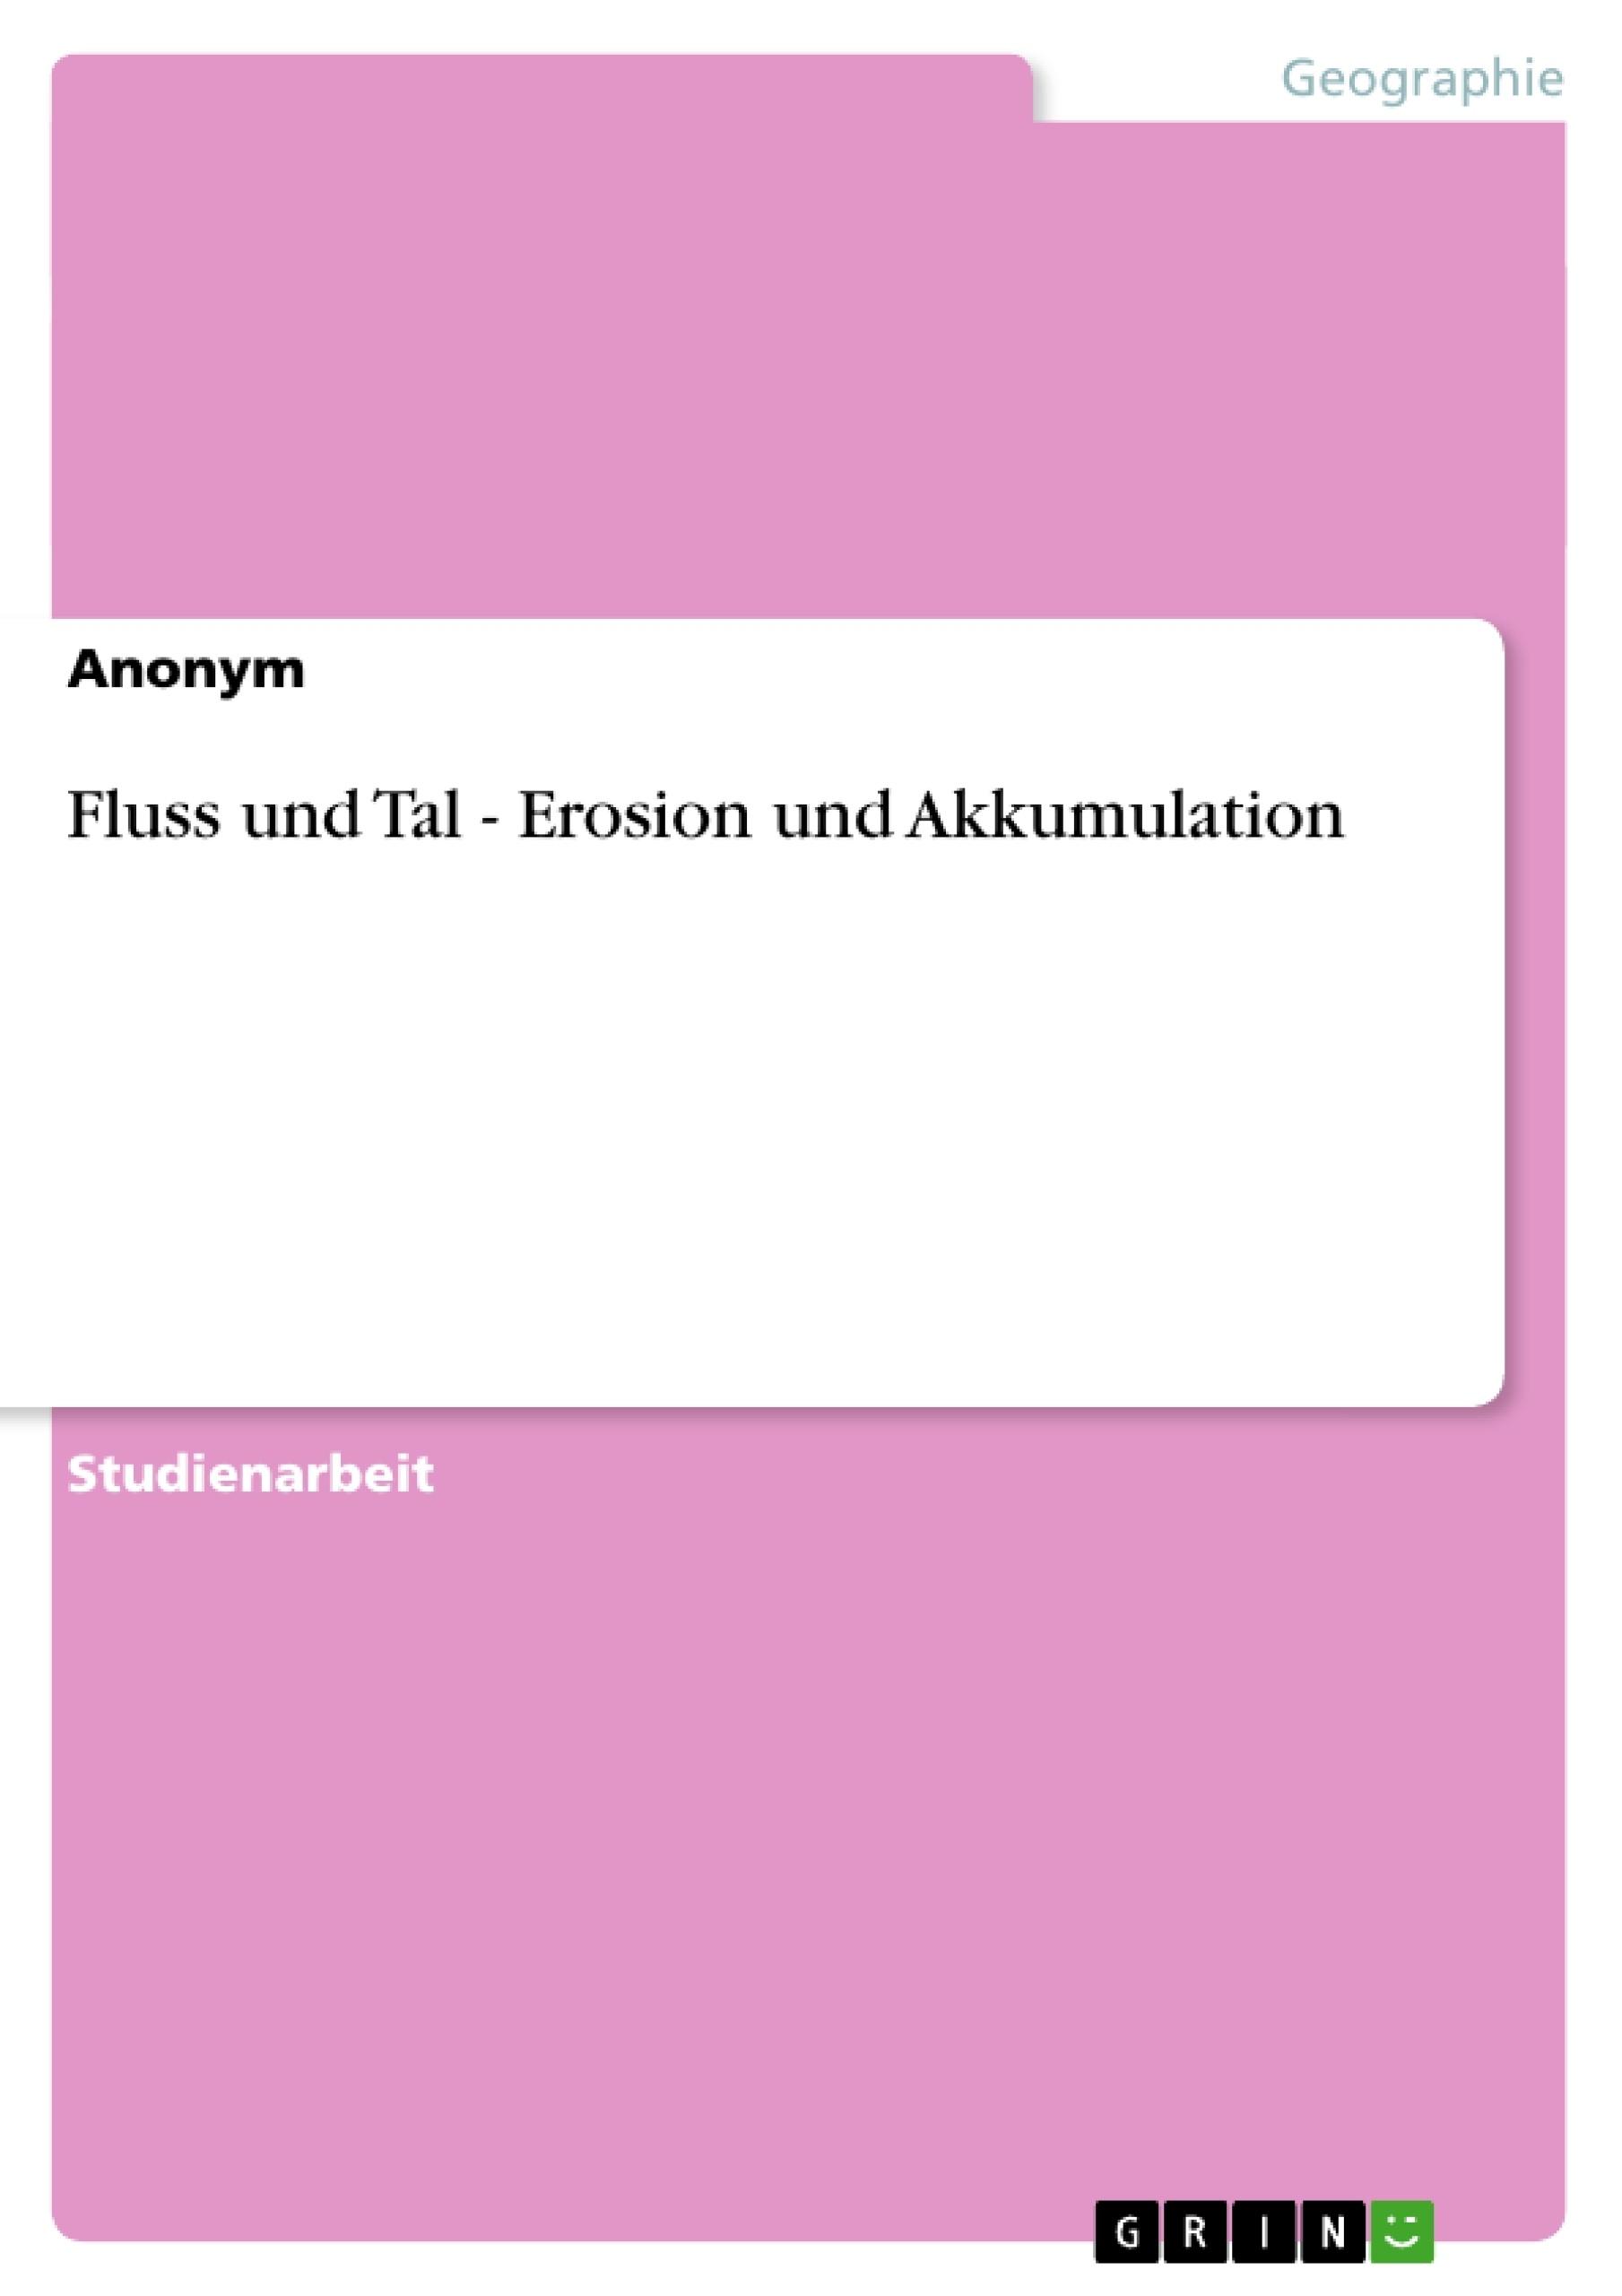 Titel: Fluss und Tal - Erosion und Akkumulation